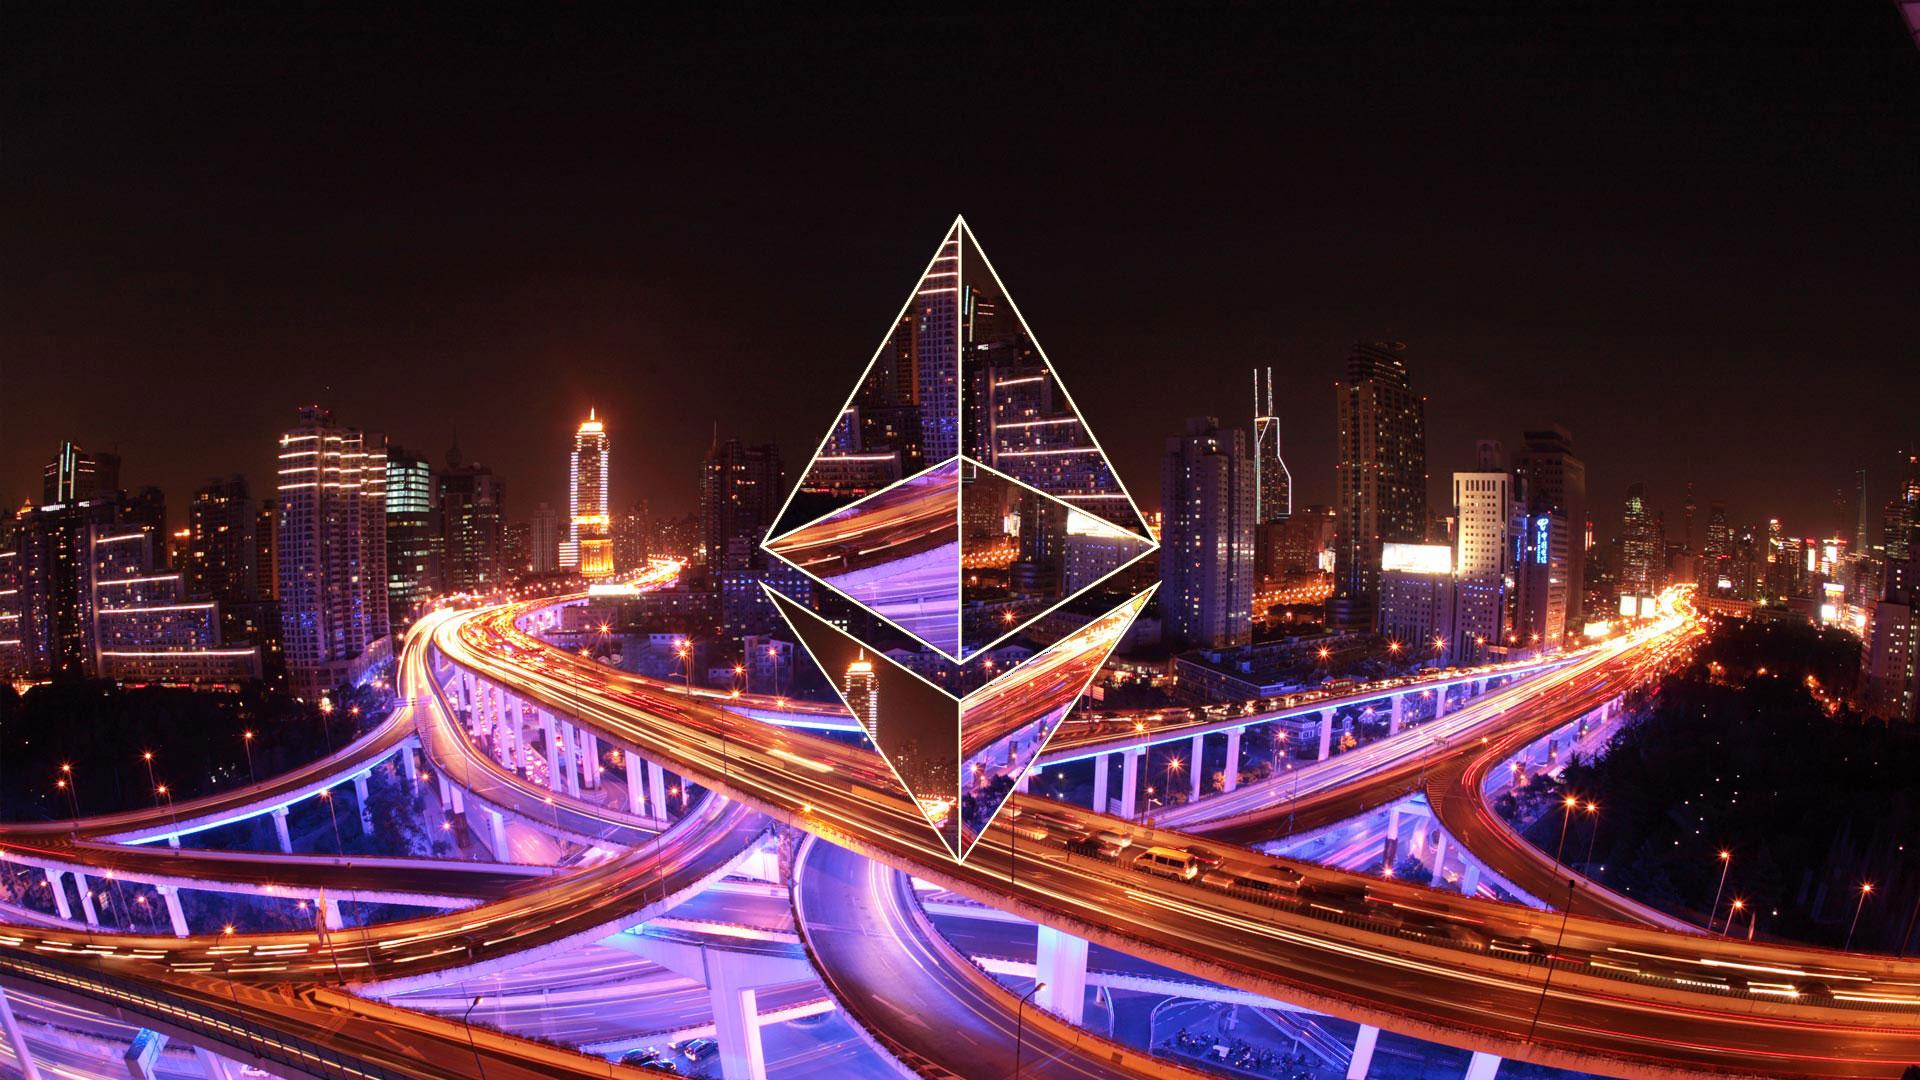 ماشین مجازی اتریوم, اختراع پروژه اتریوم است.